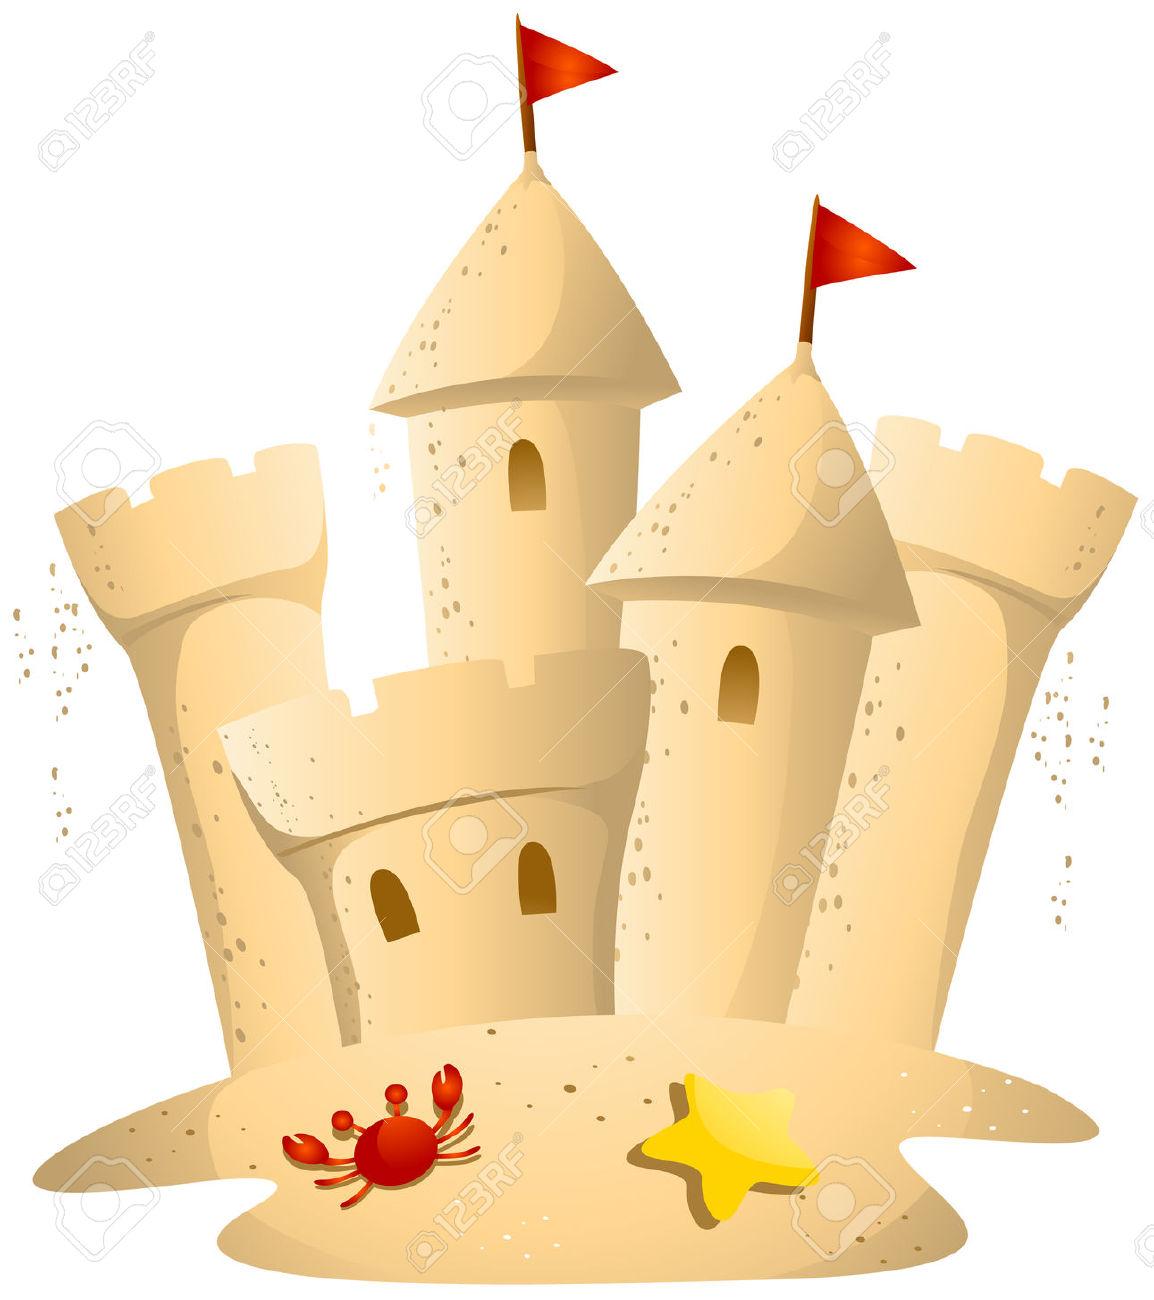 Sand castle images clip art - - Sand Clip Art